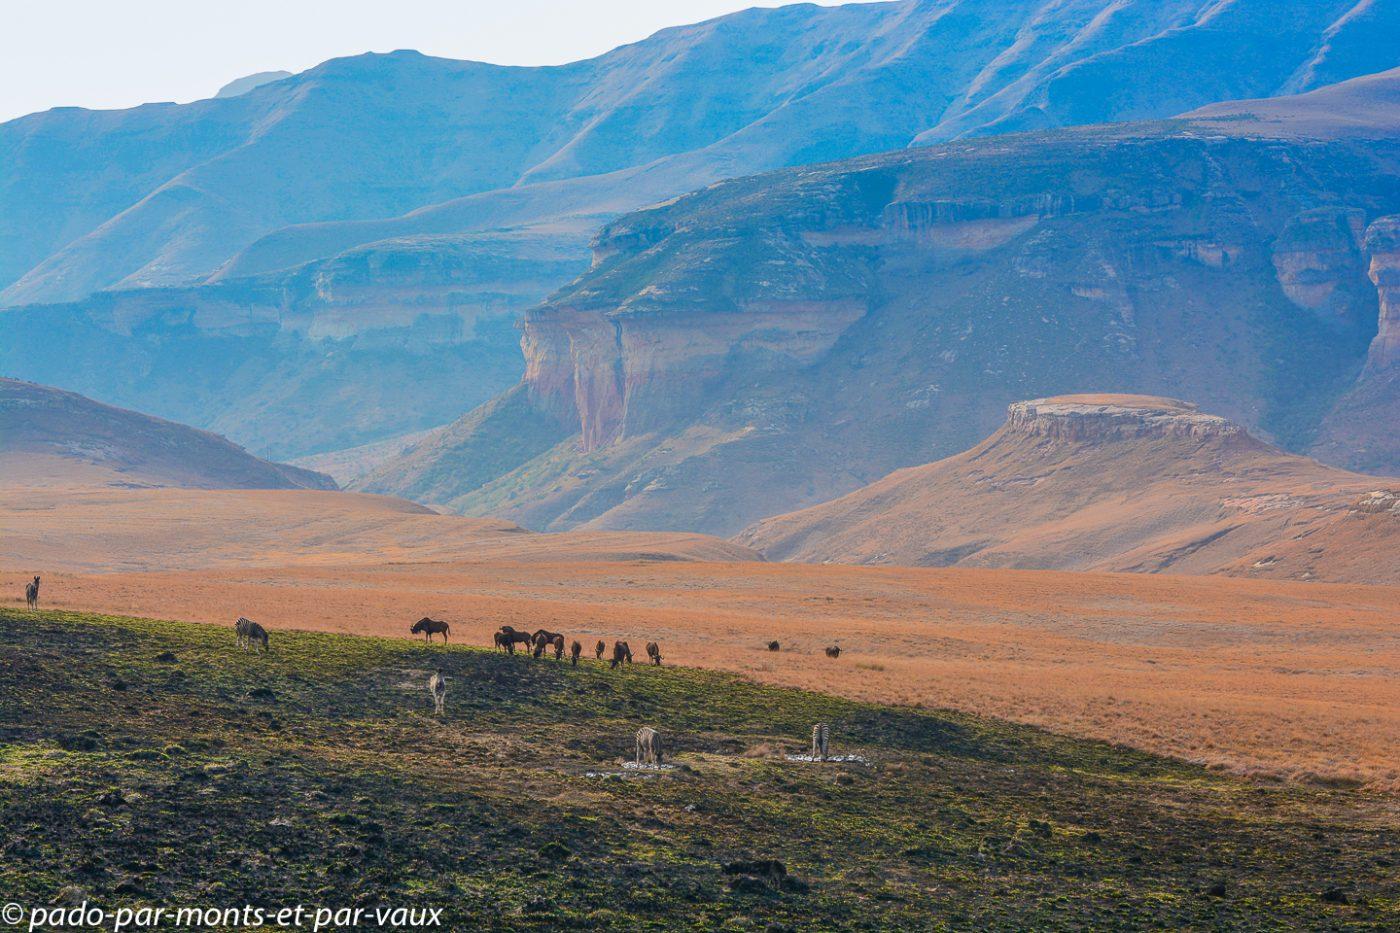 Afrique du Sud - Golden gate park - zèbres et gnous noirs